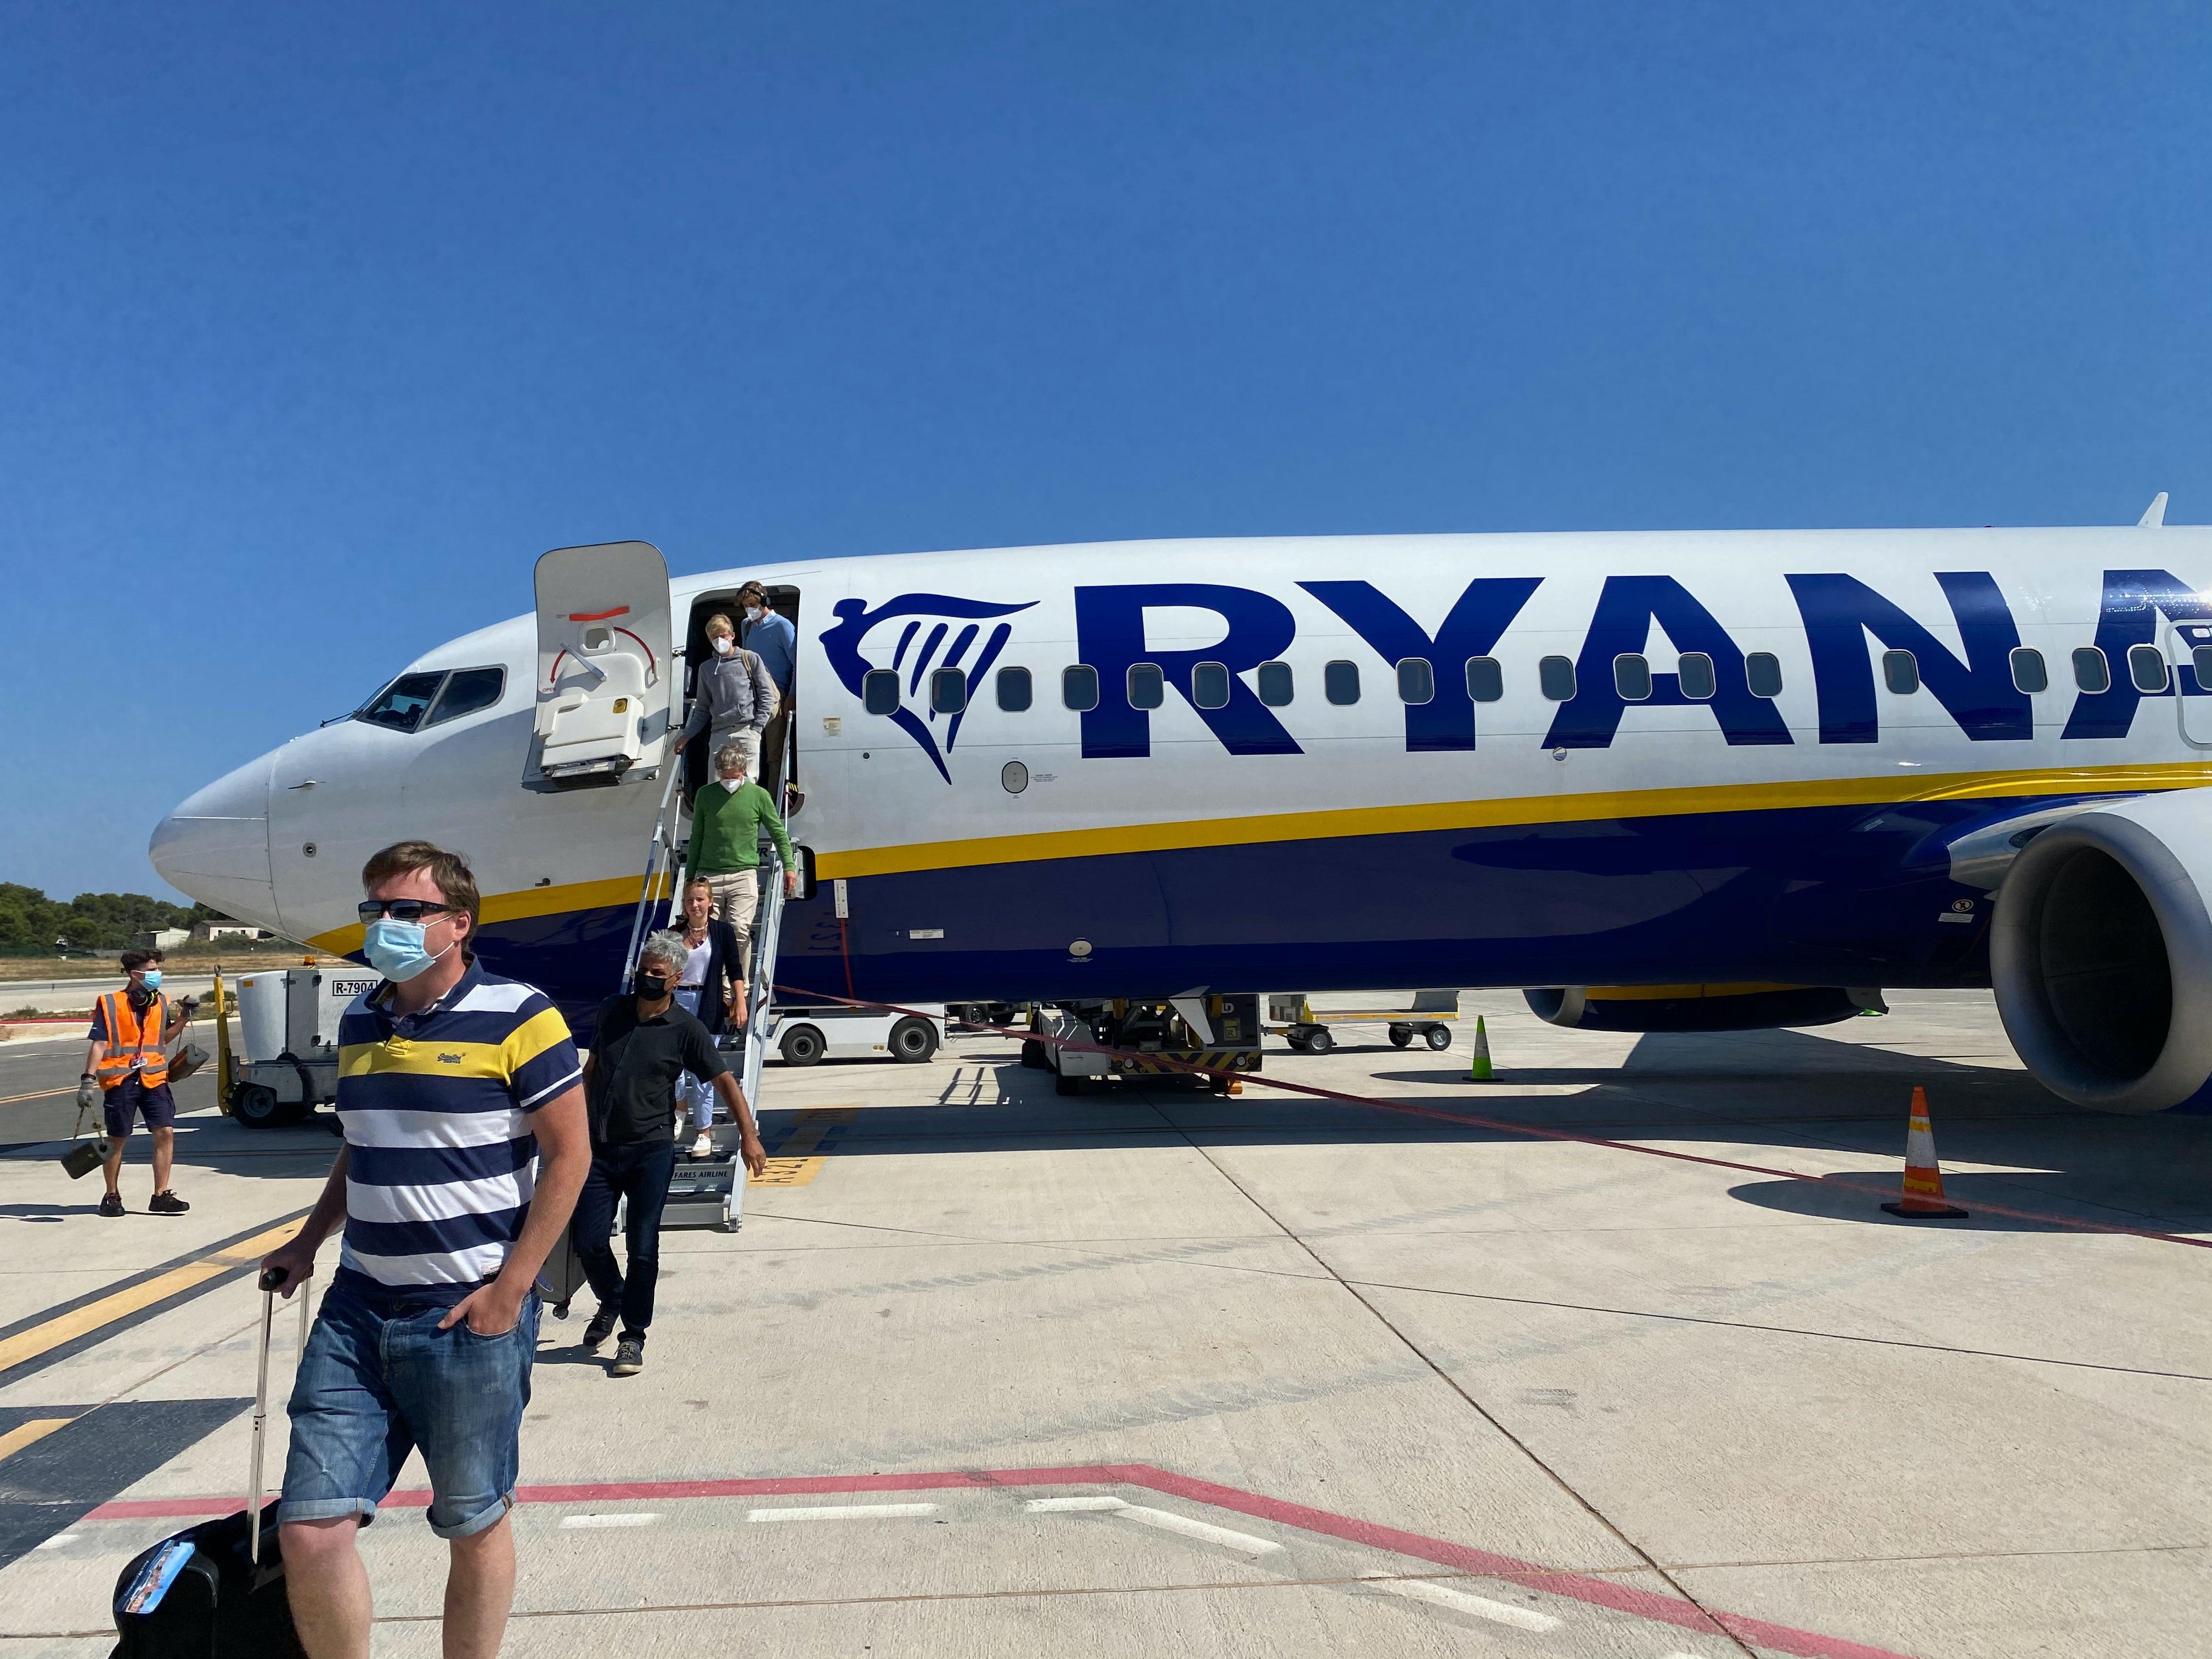 podróż podczas covid-u, z samolotu wychodzą ludzie w maseczkach z bagażem podręcznym